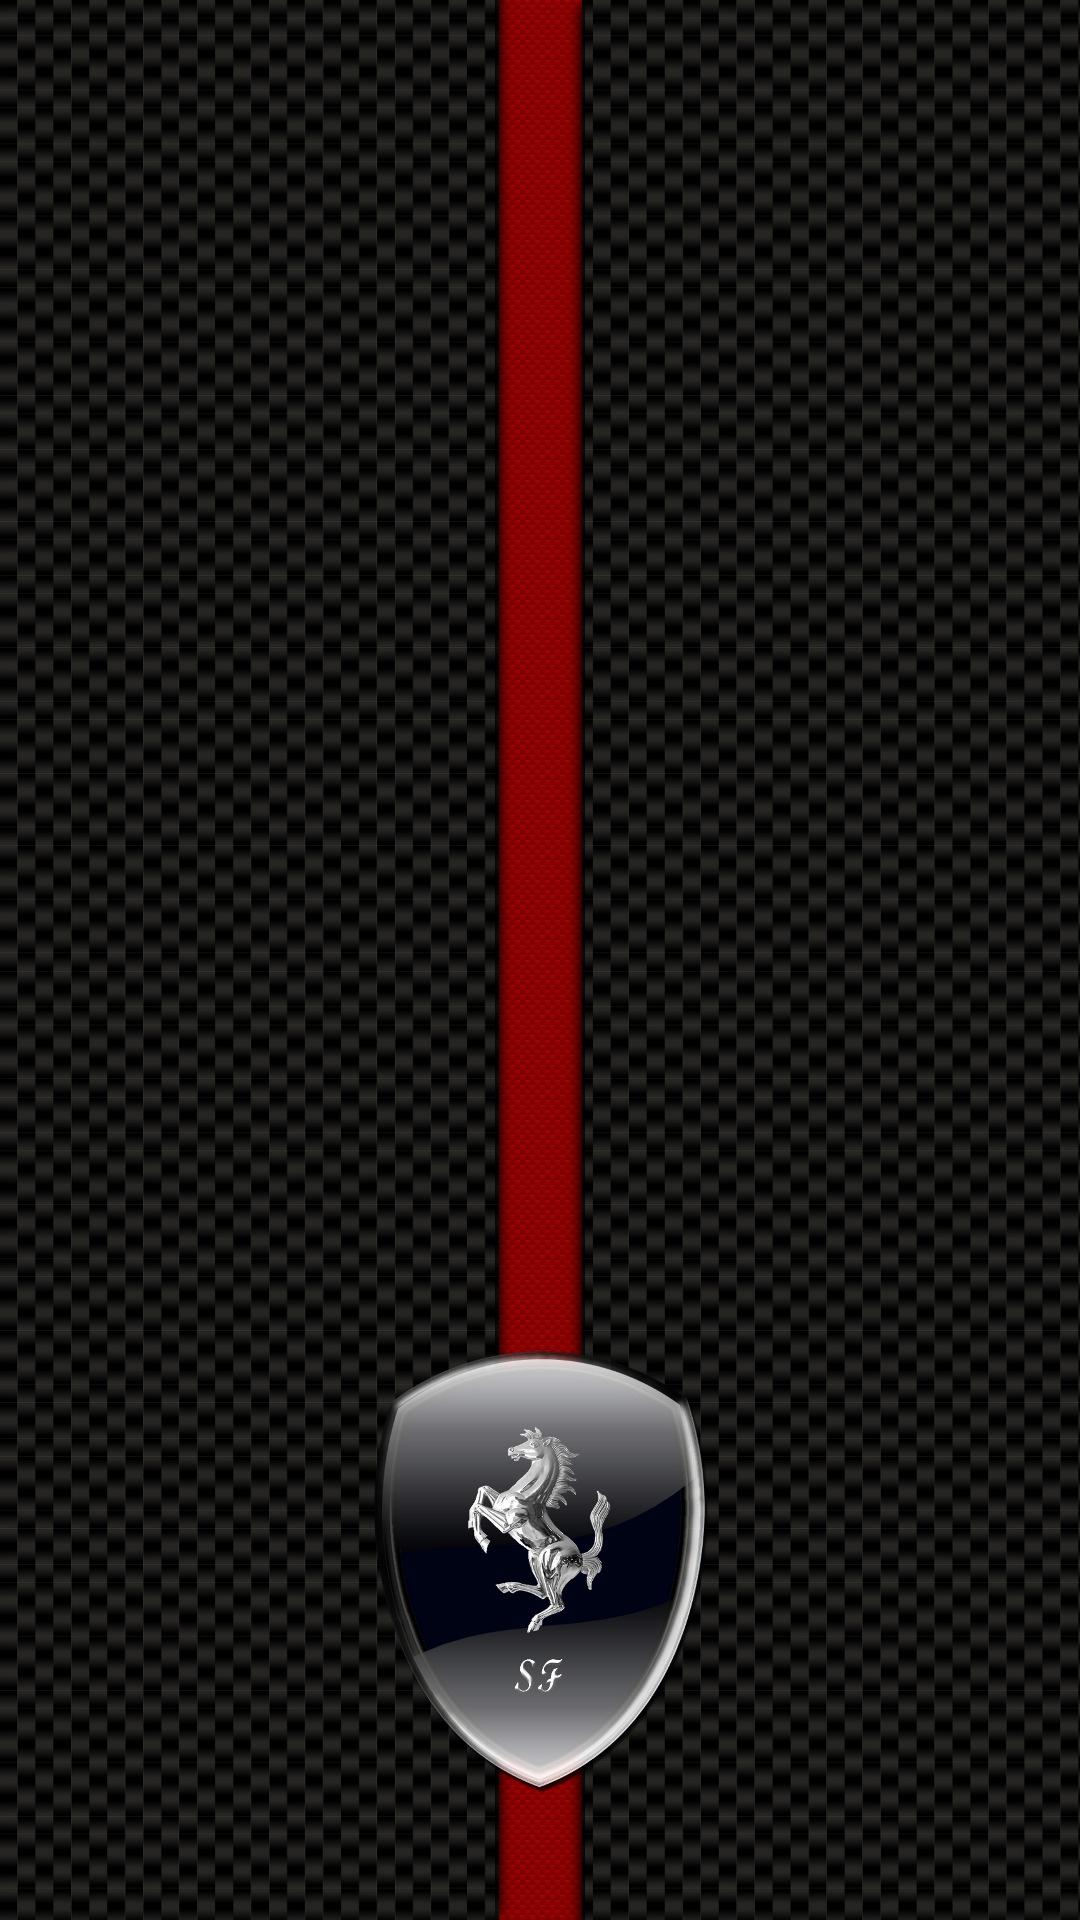 Beautiful Wallpaper Logo Ferrari - 2096  You Should Have_163188.com/download/2096